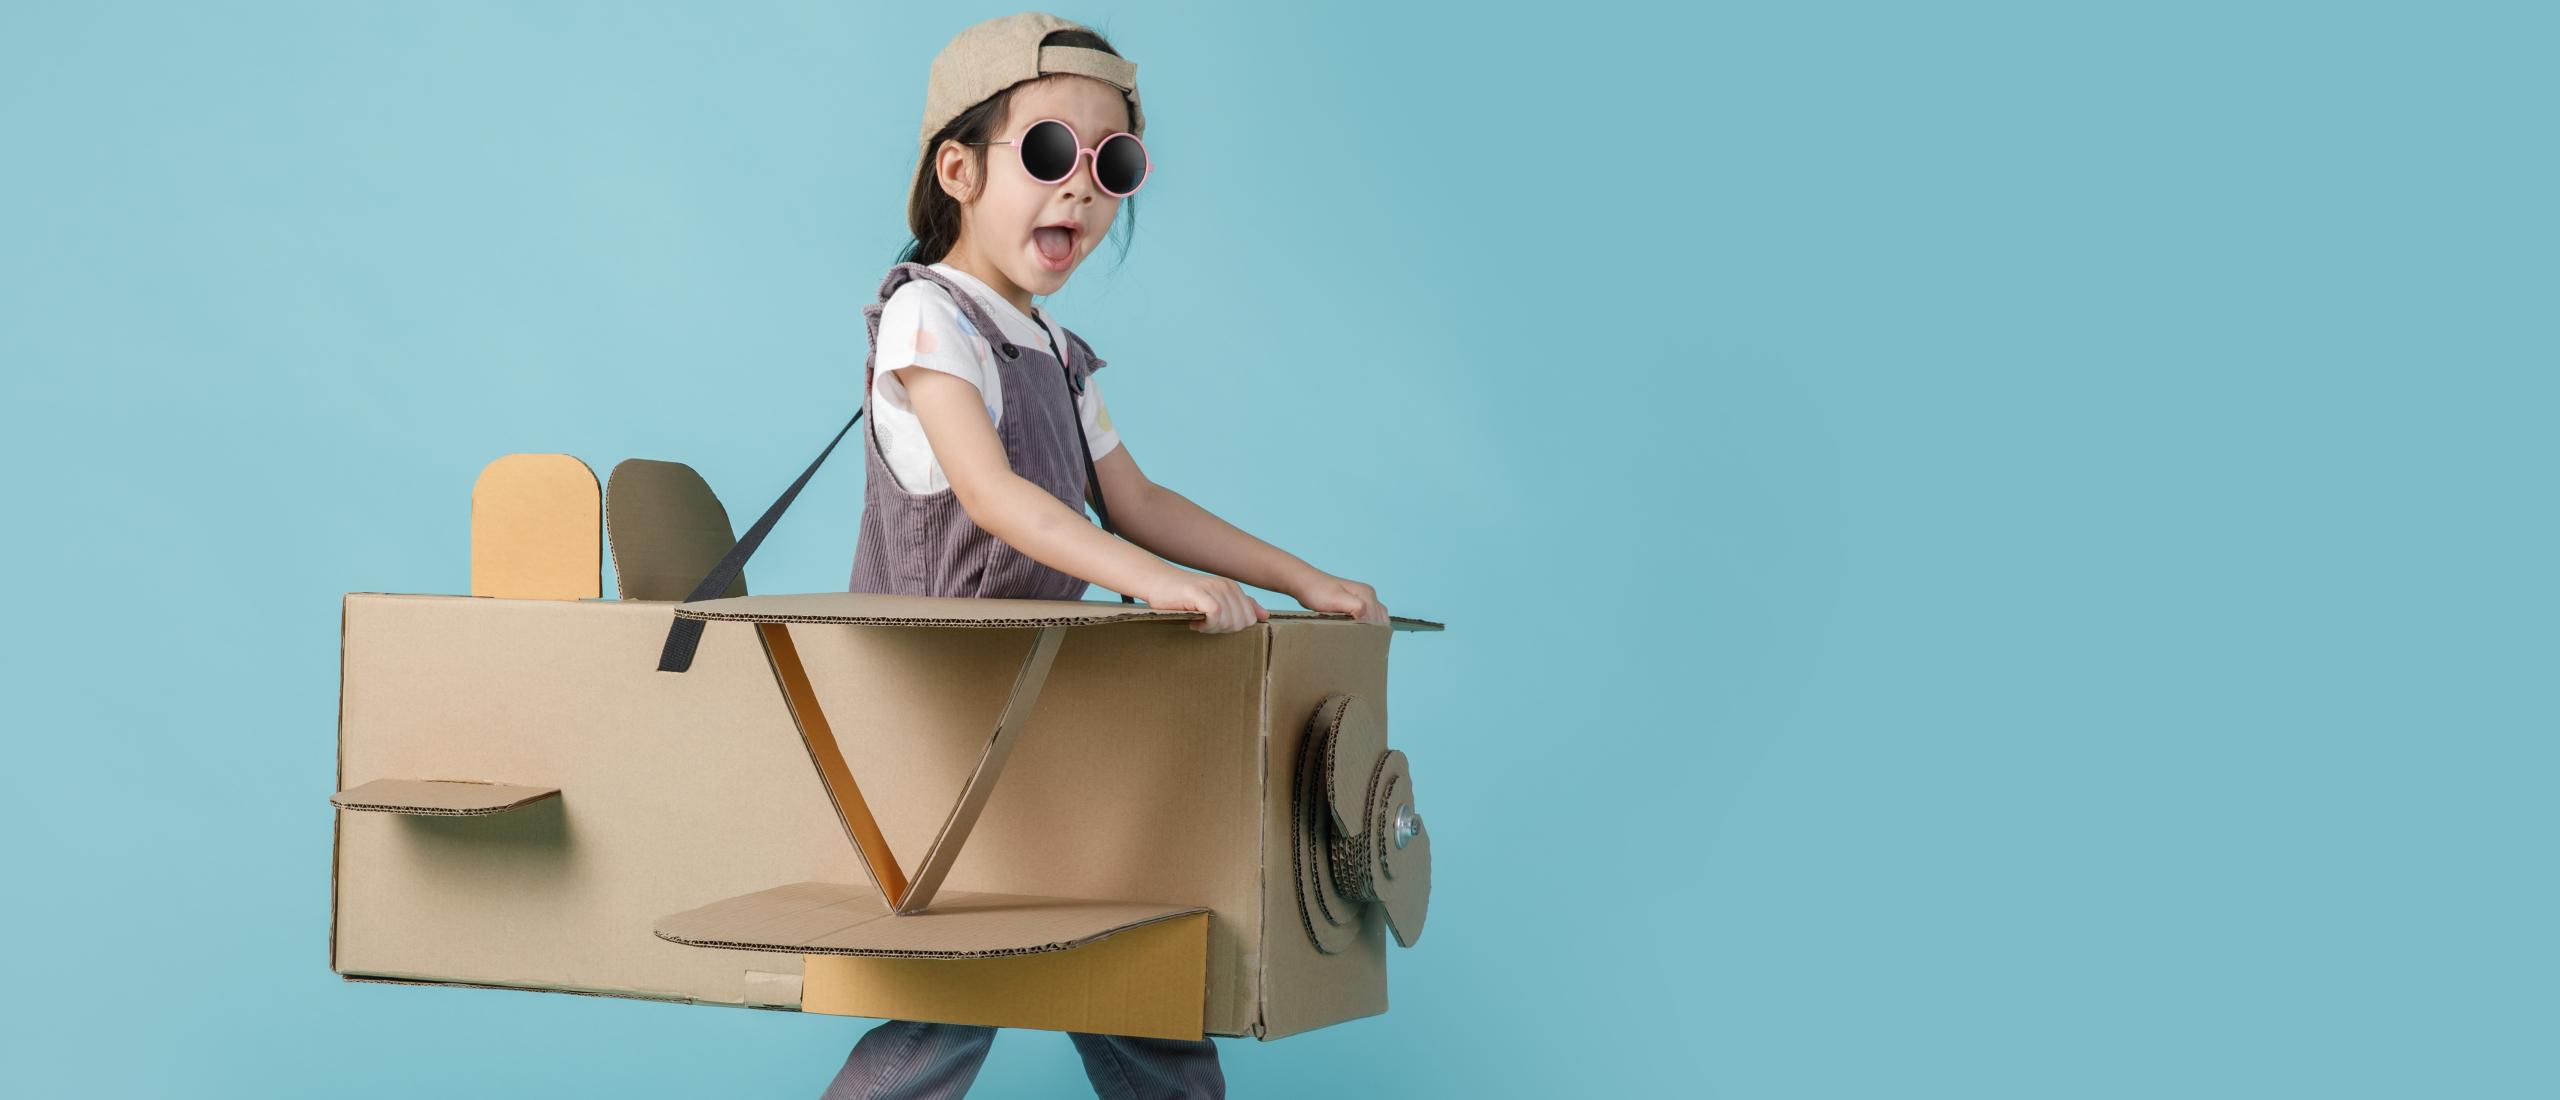 Dromen over beroepen tijdens de dramales - Kinderboekenweek 2021 'Worden wat je wil'